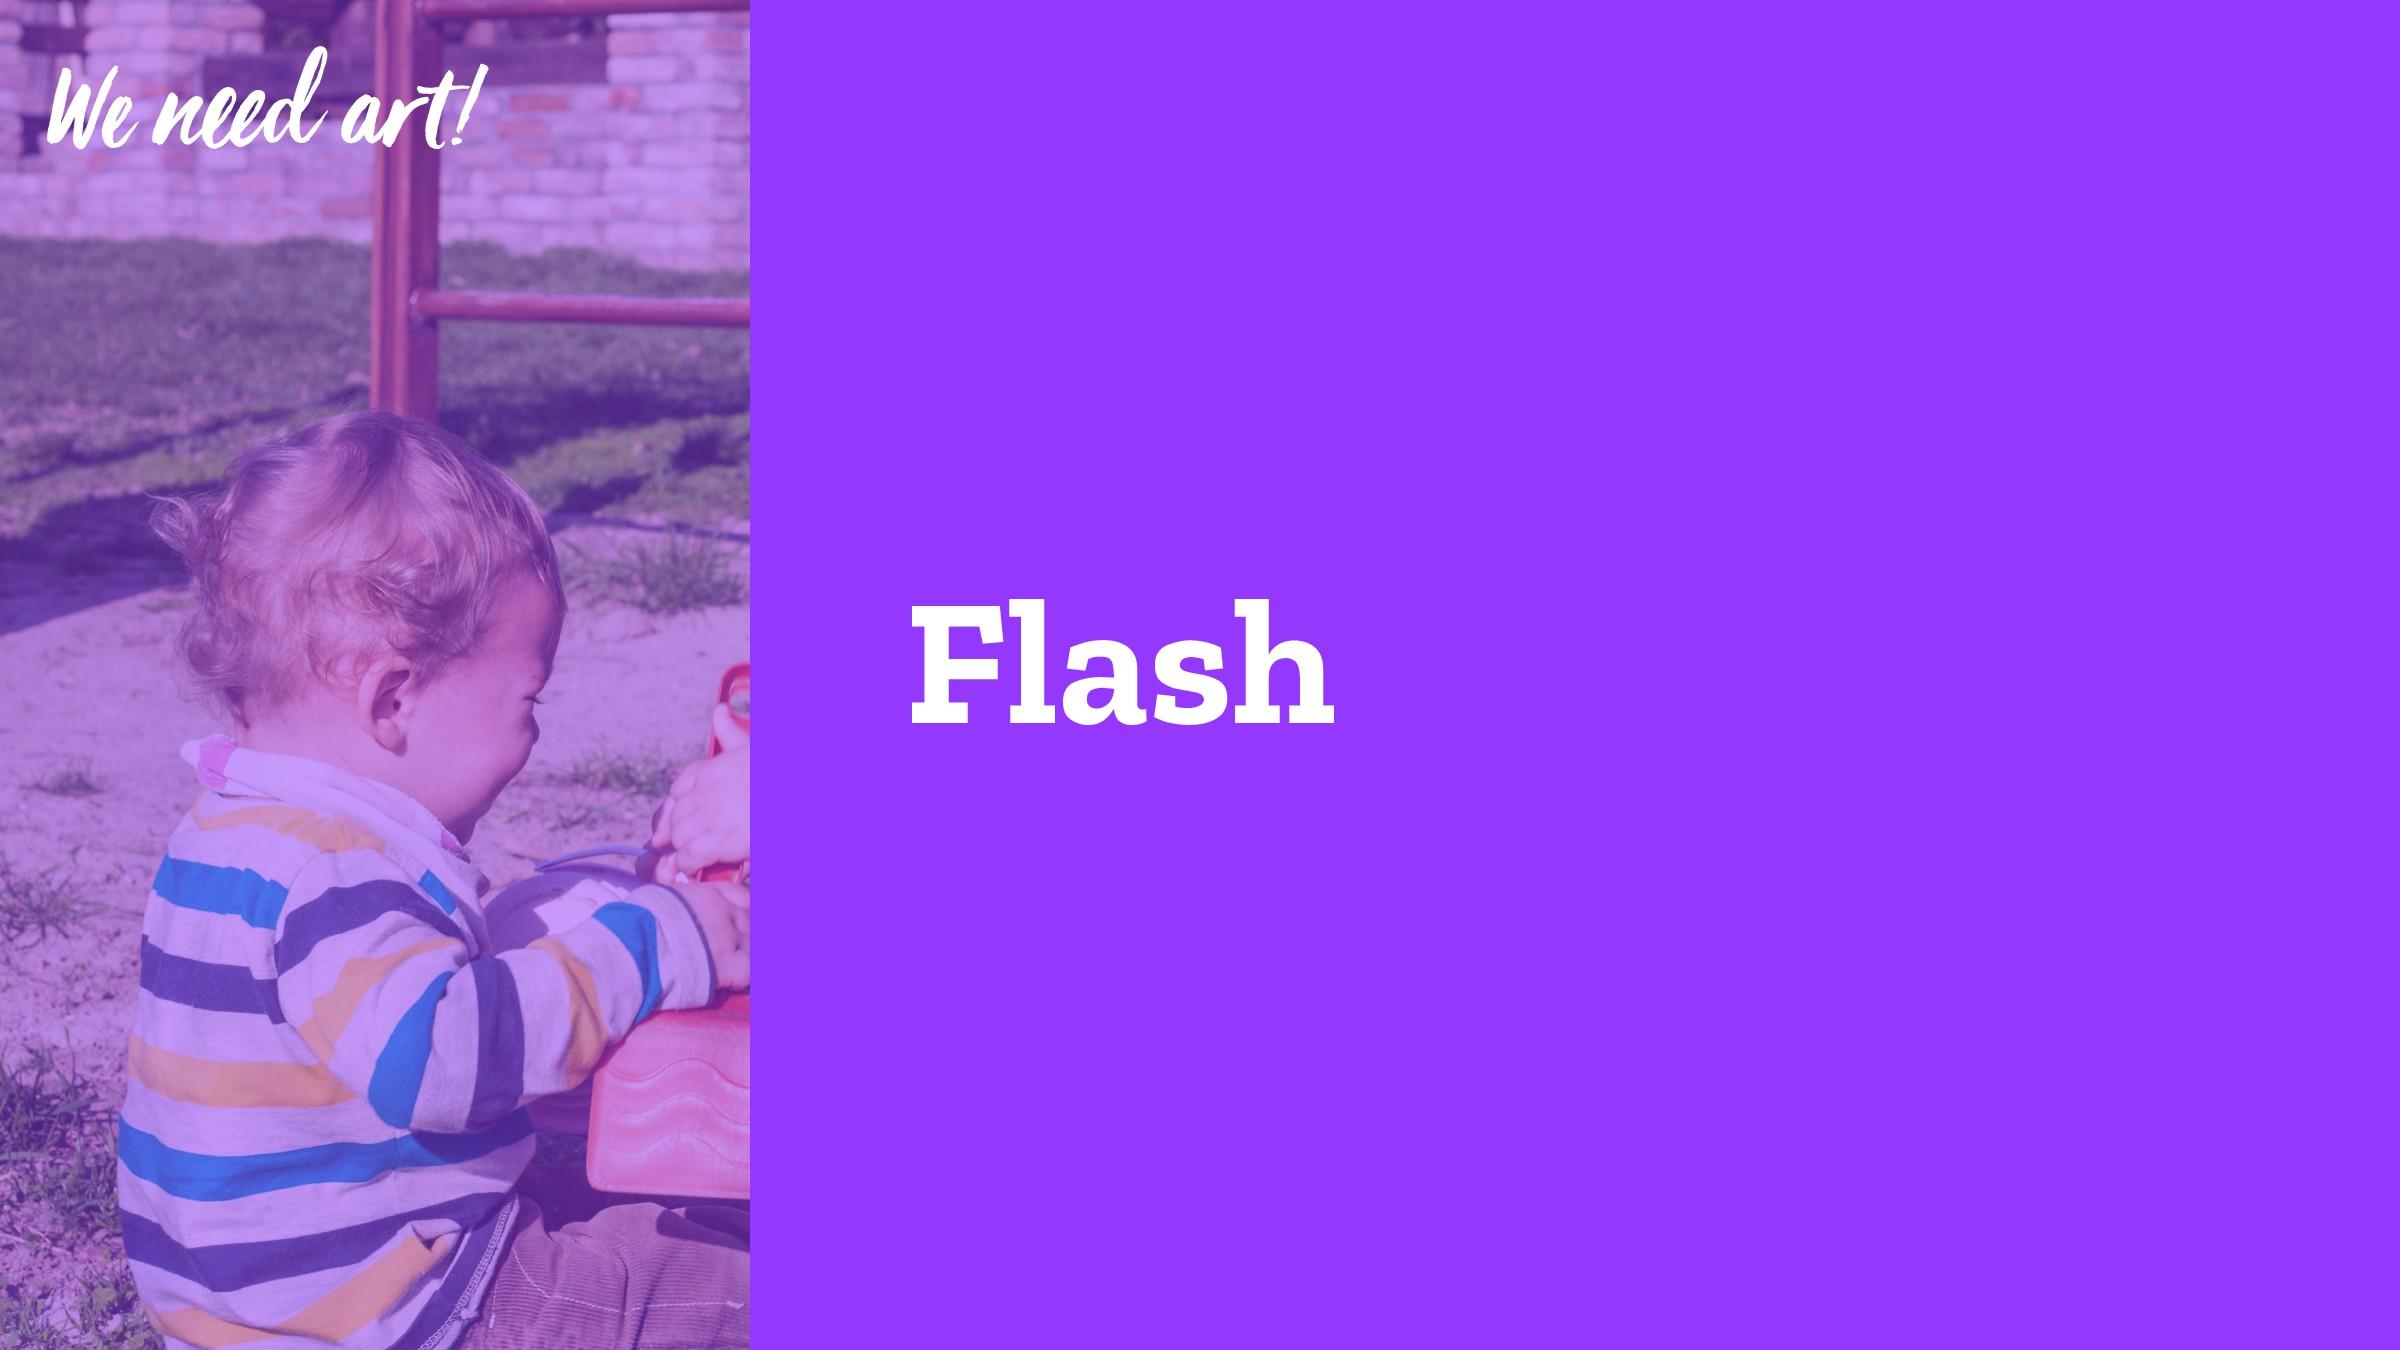 """Flash We n""""d a#!"""